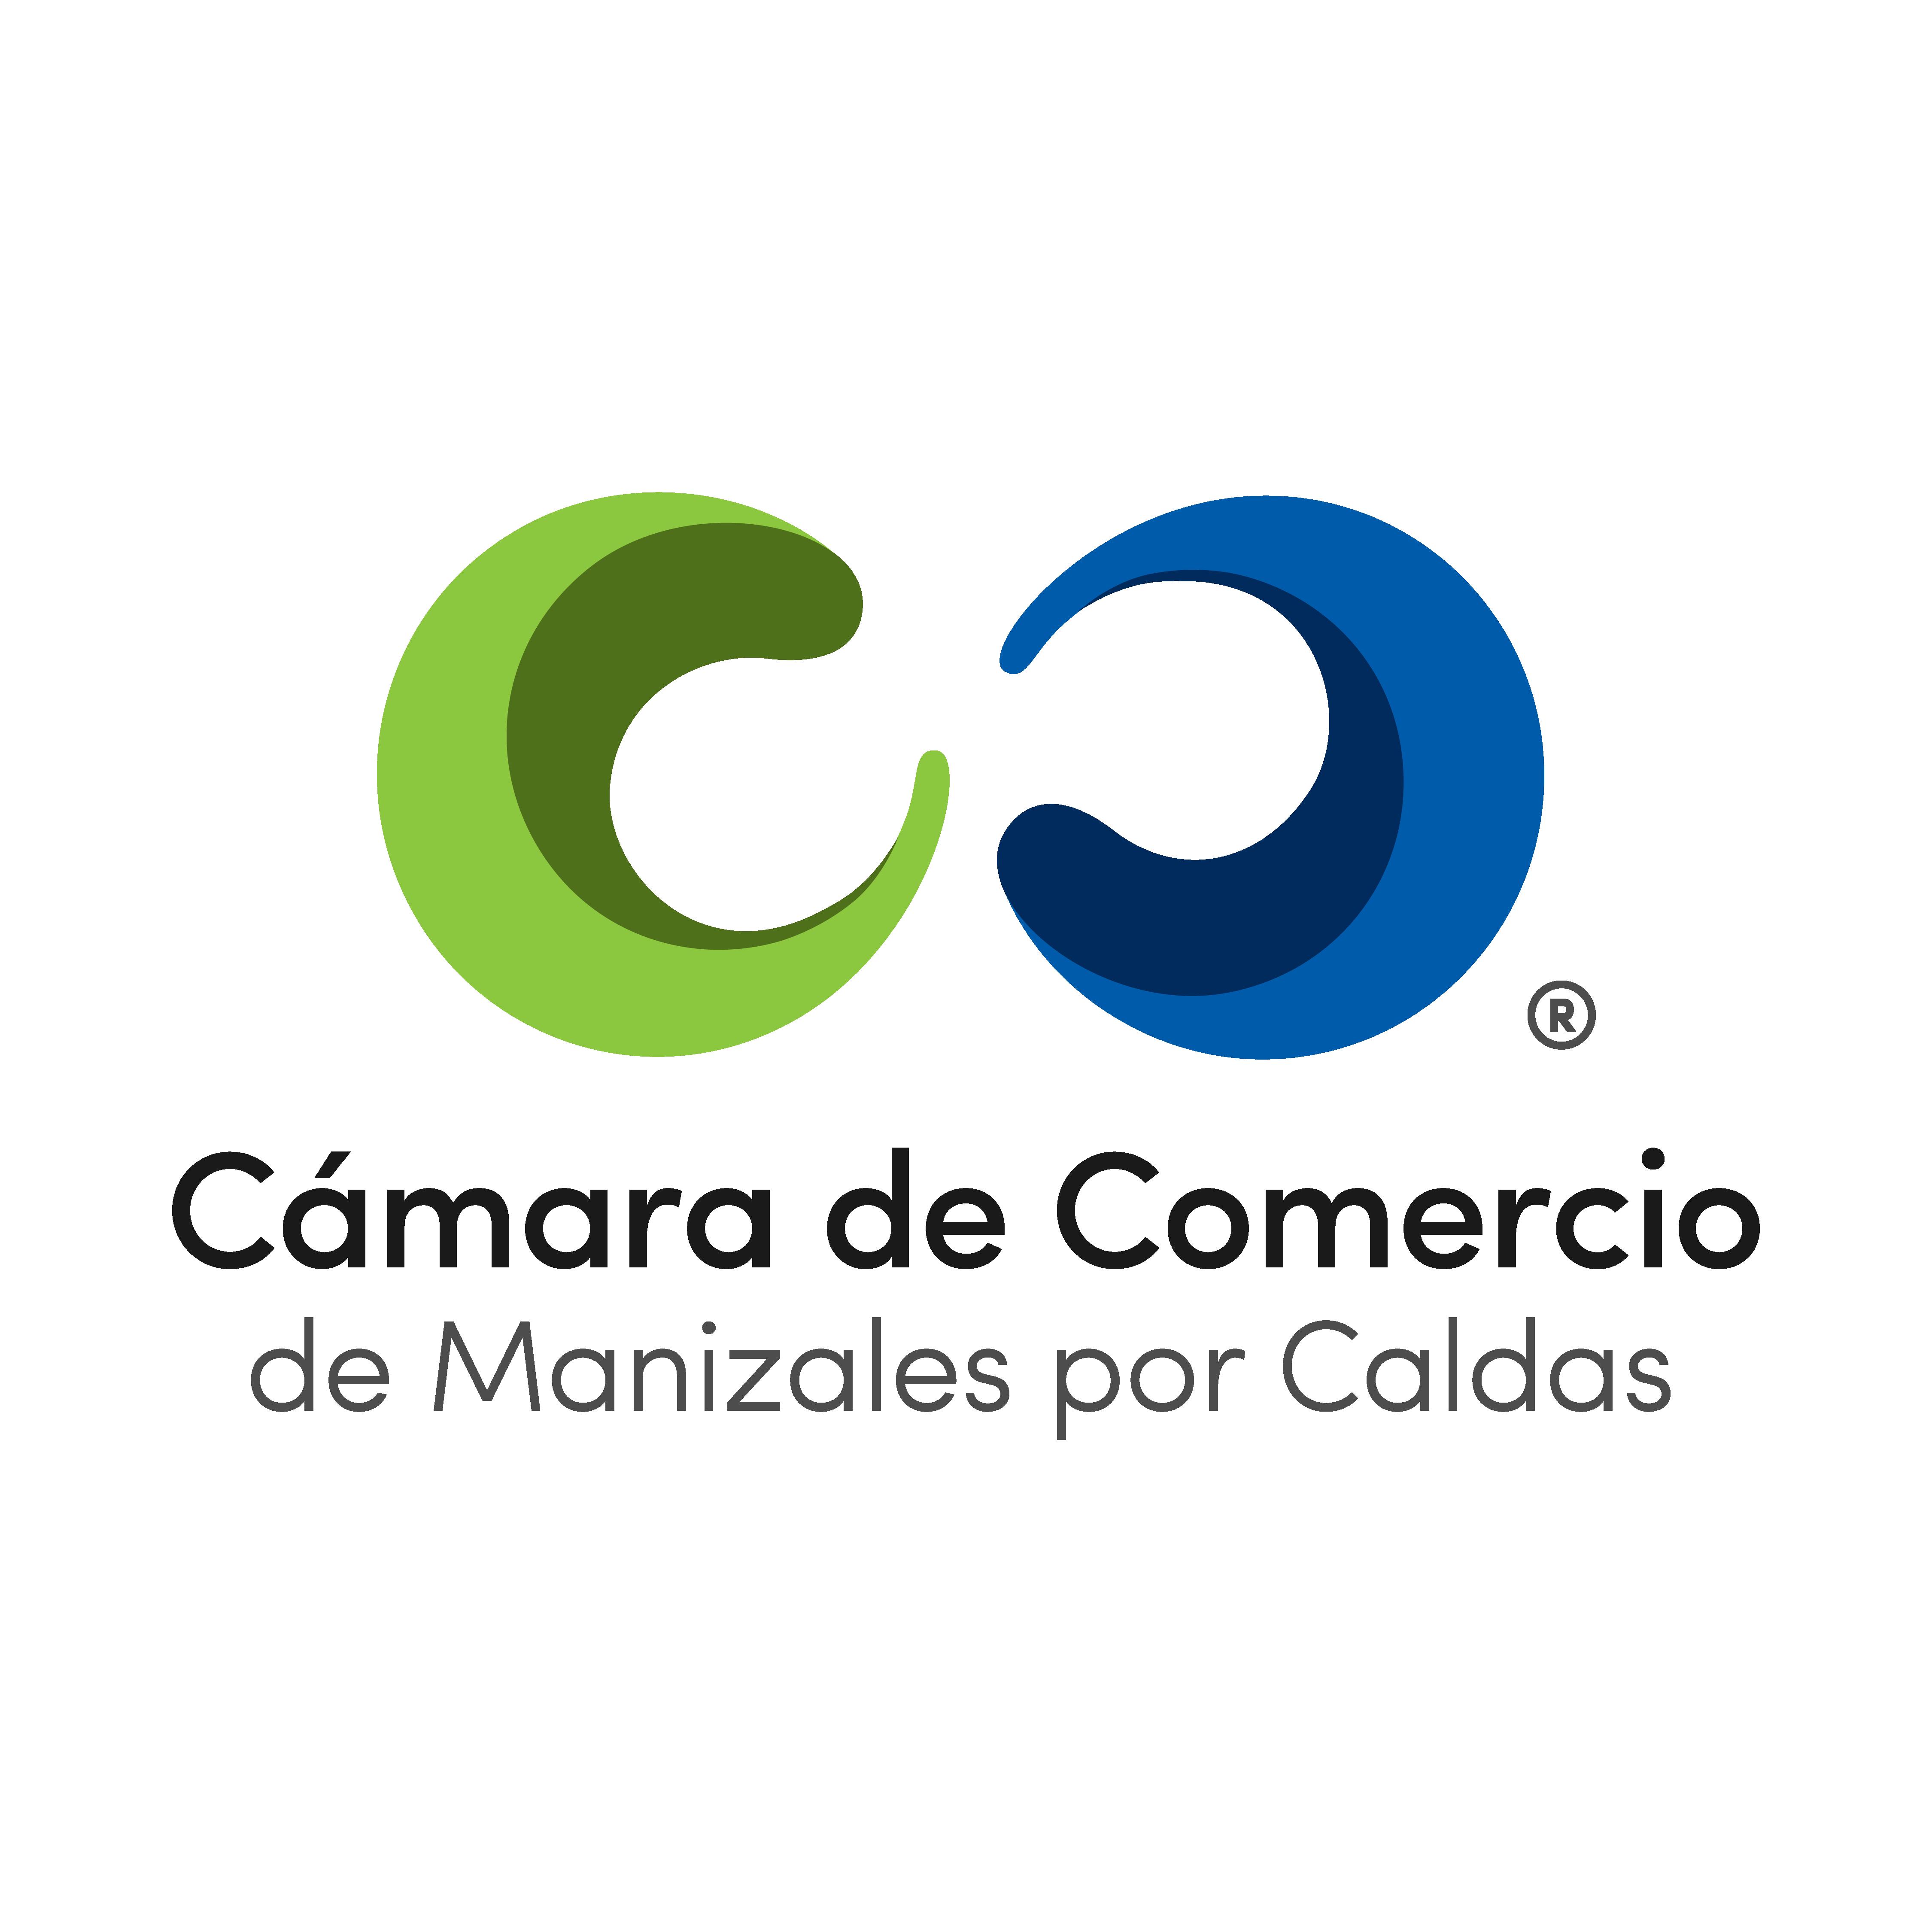 Logo Cámara de Comercio